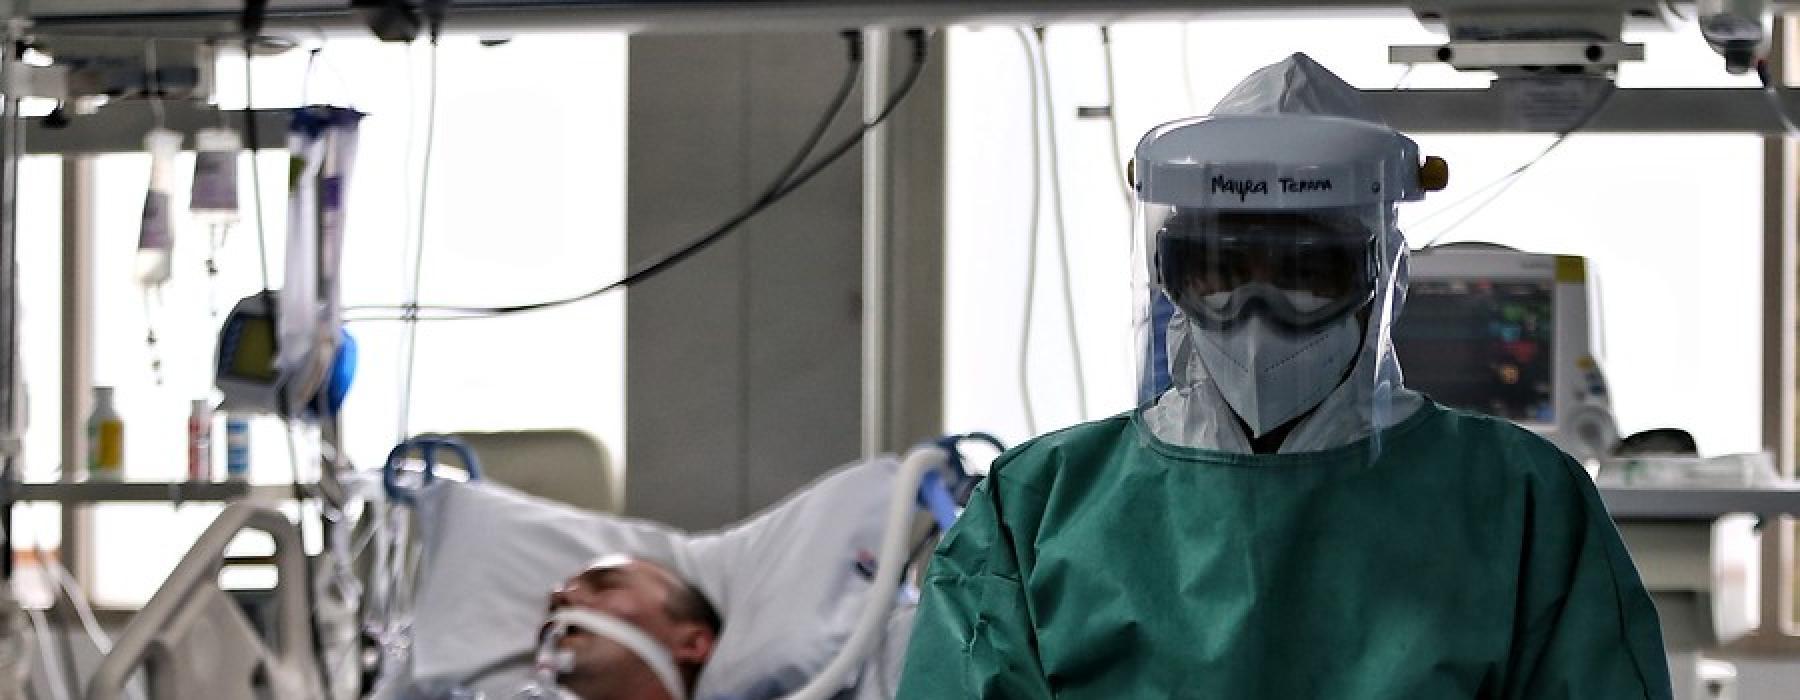 Colombia superó las 34.000 muertes por Covid-19